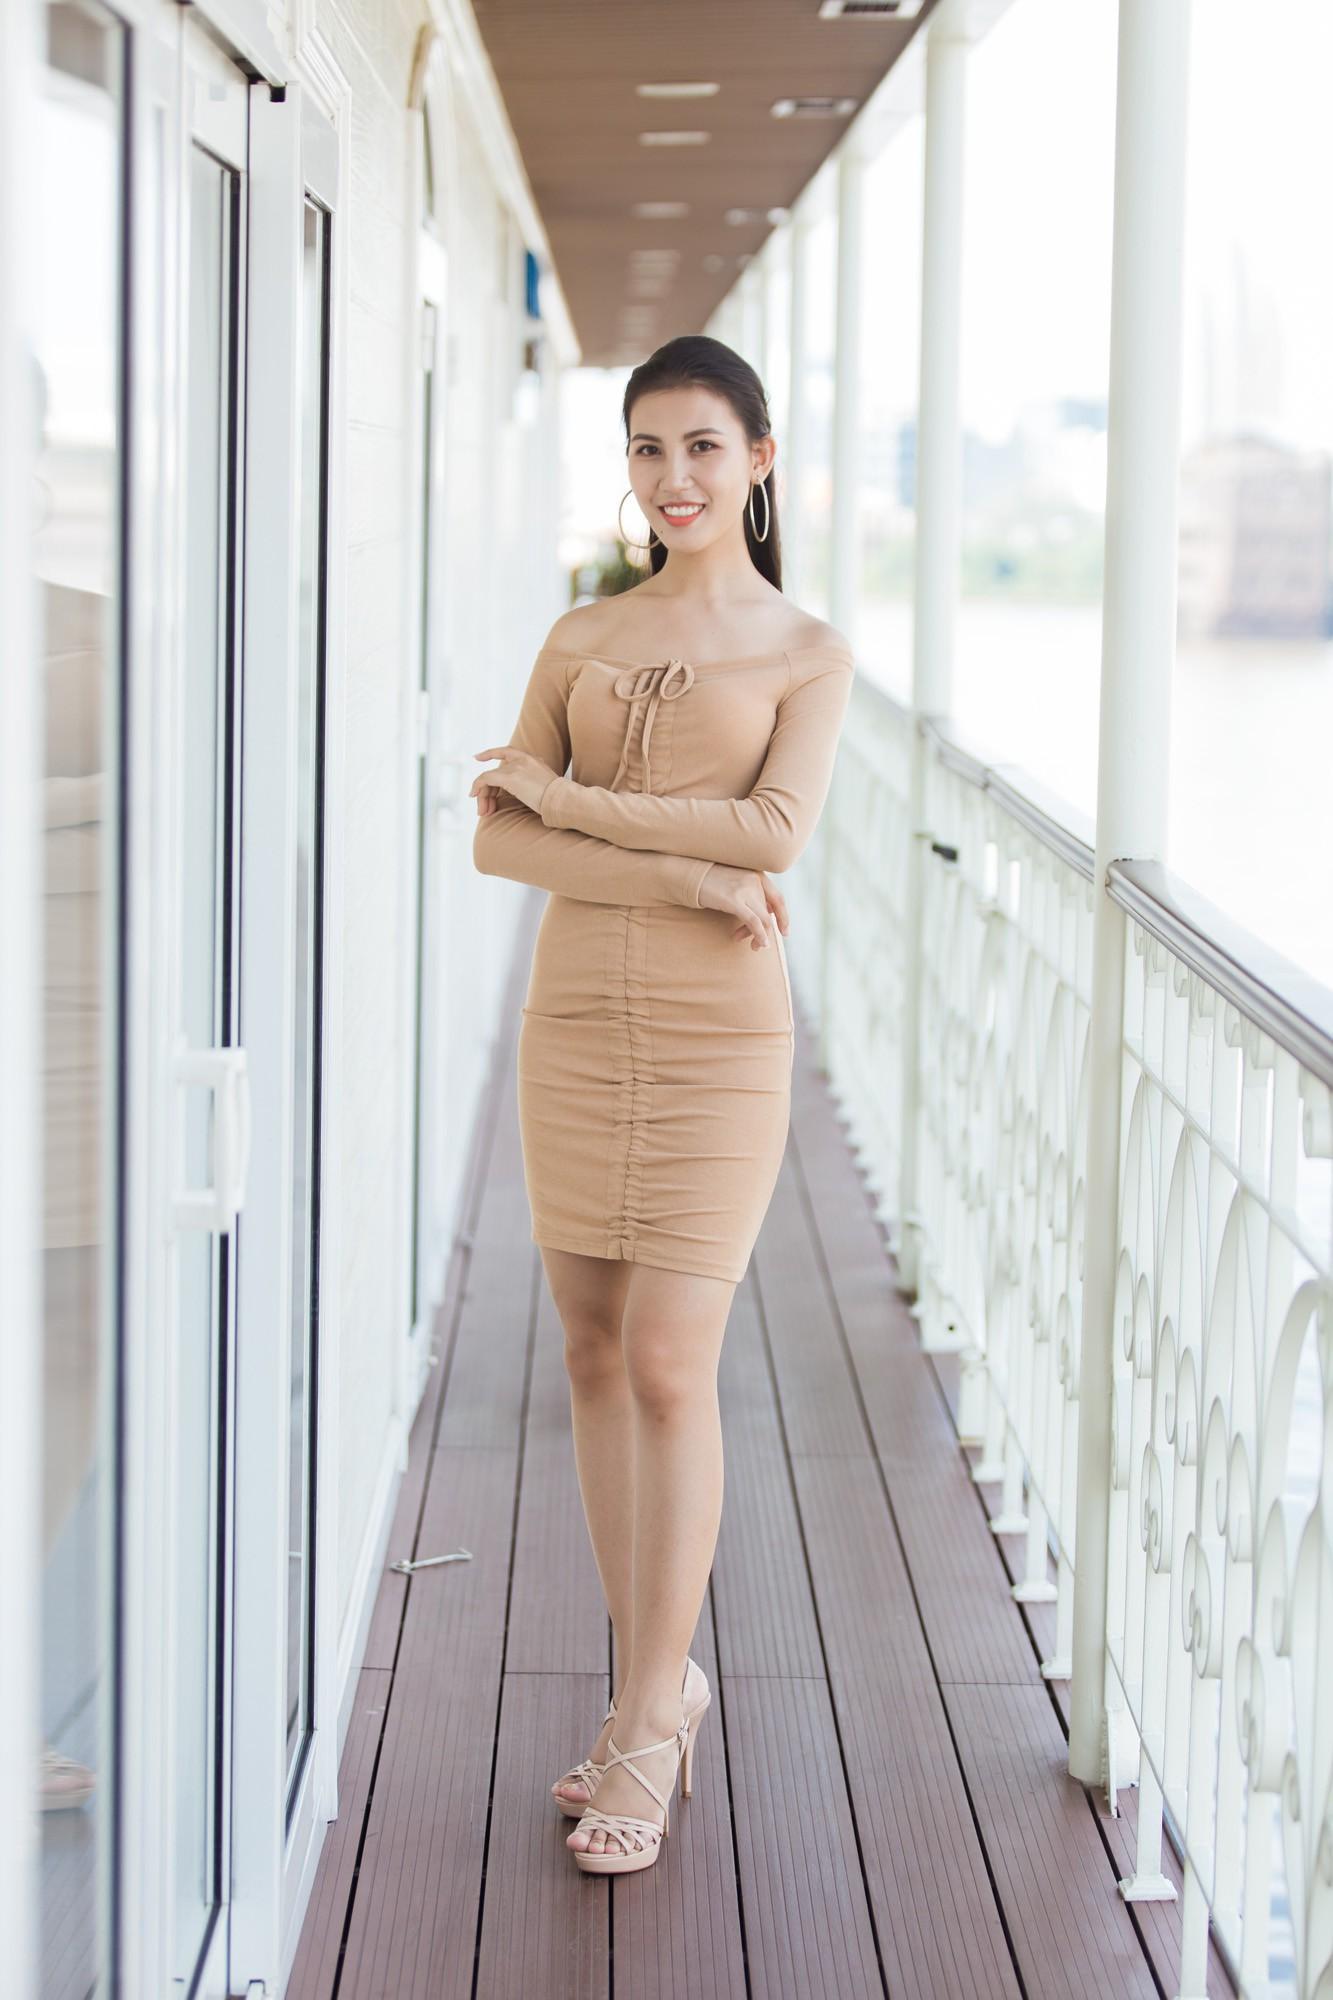 Từ cô Hoa hậu bị hoài nghi, Tiểu Vy hôm nay đứng trước Top thí sinh Miss World đầy bản lĩnh và thần thái - Ảnh 18.